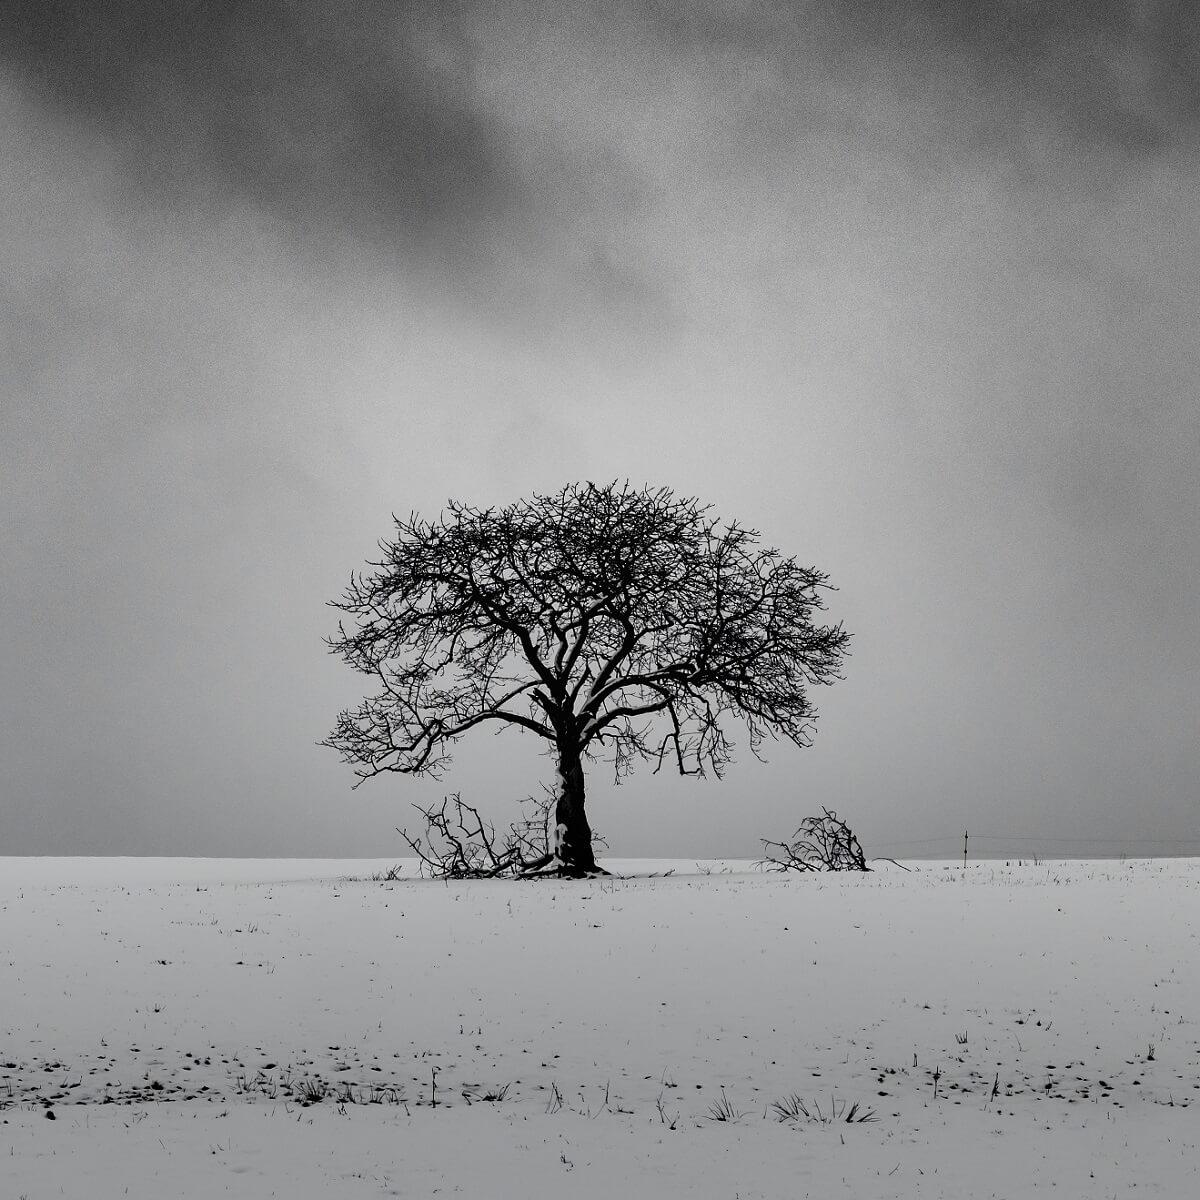 雪山に立つ一本の枯れた木の写真。